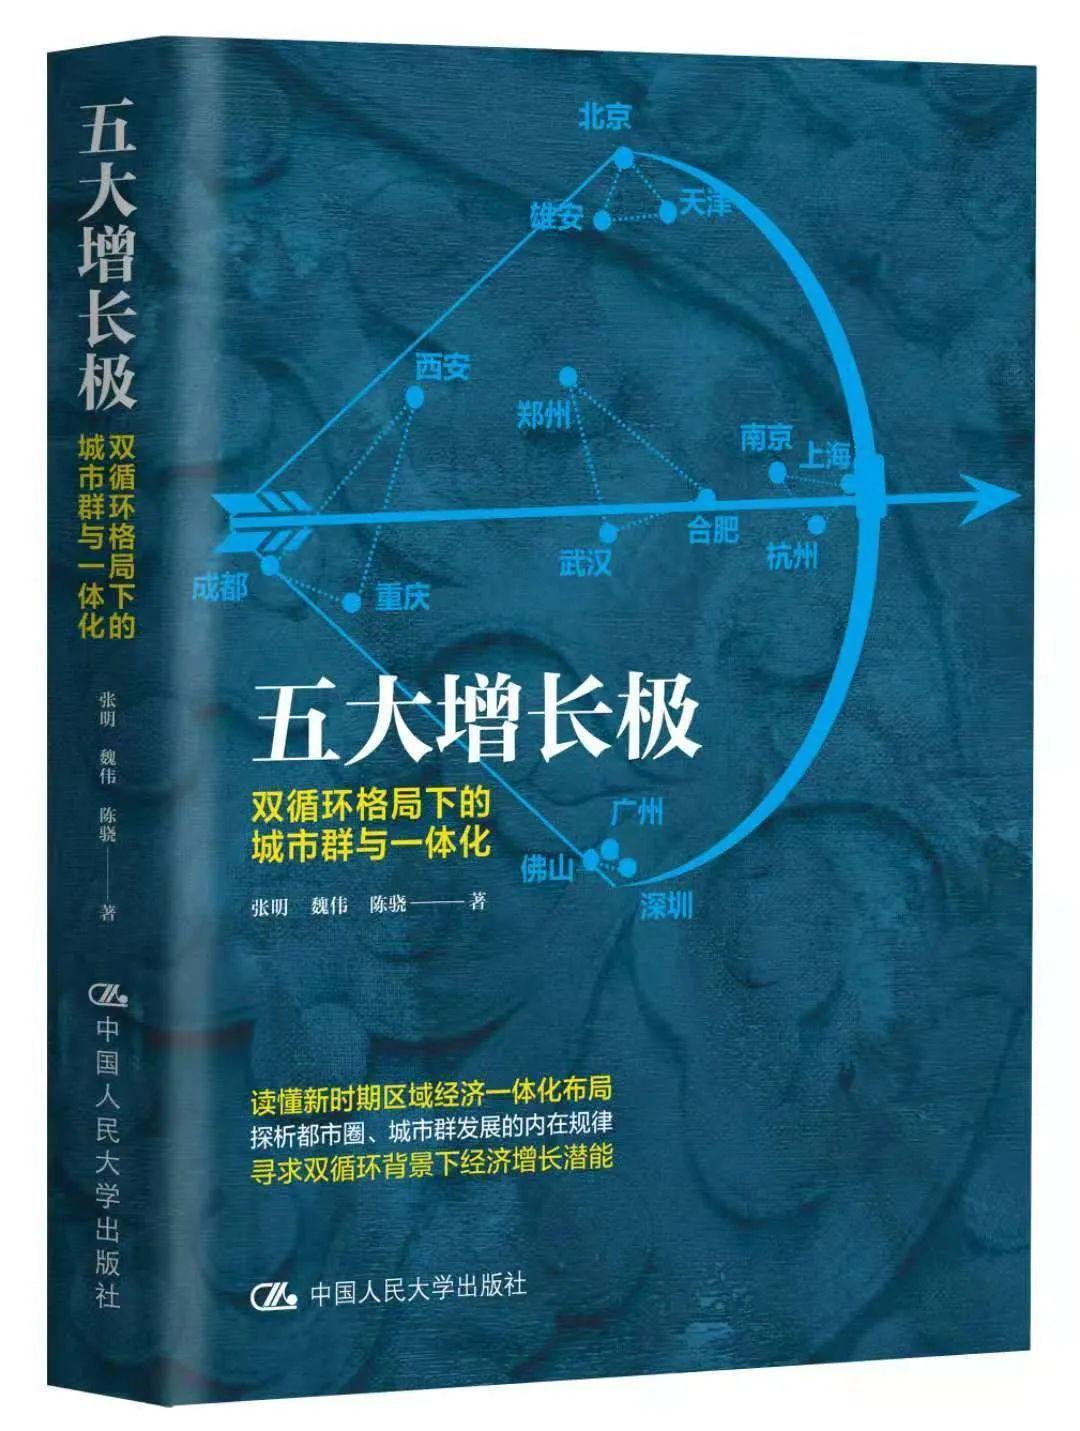 对标纽约、东京,它是中国最富潜力的区域之一